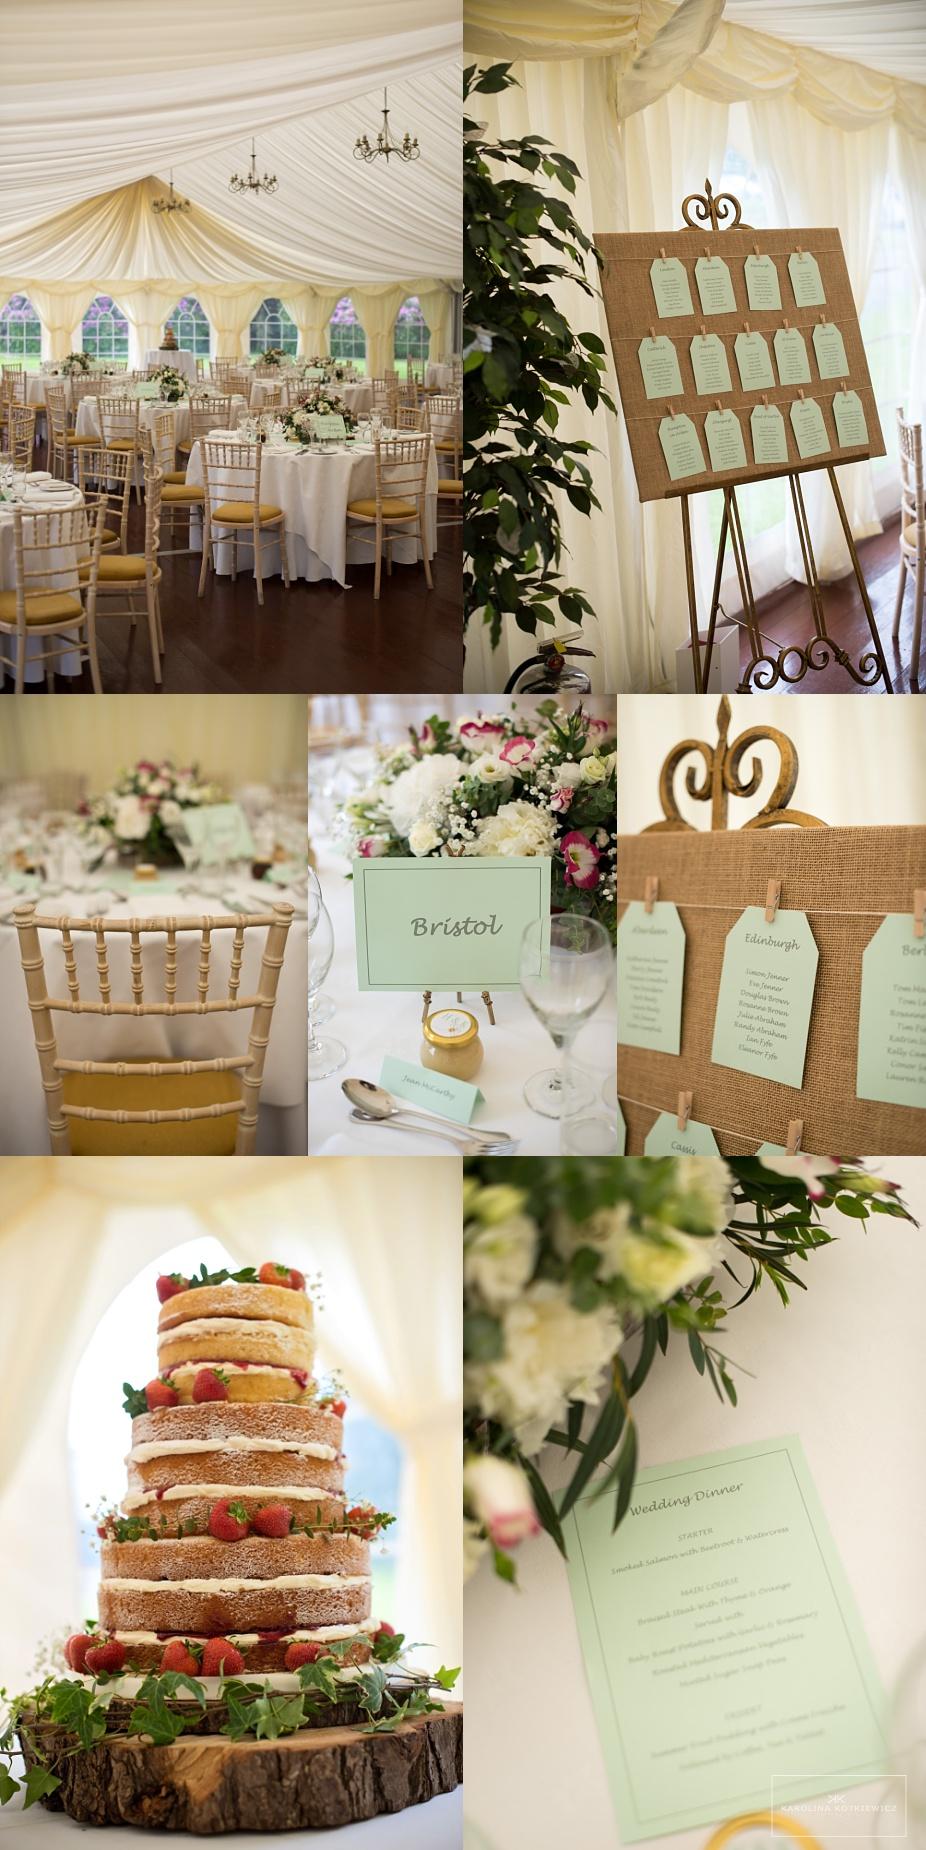 069_Glencourse House wedding photos